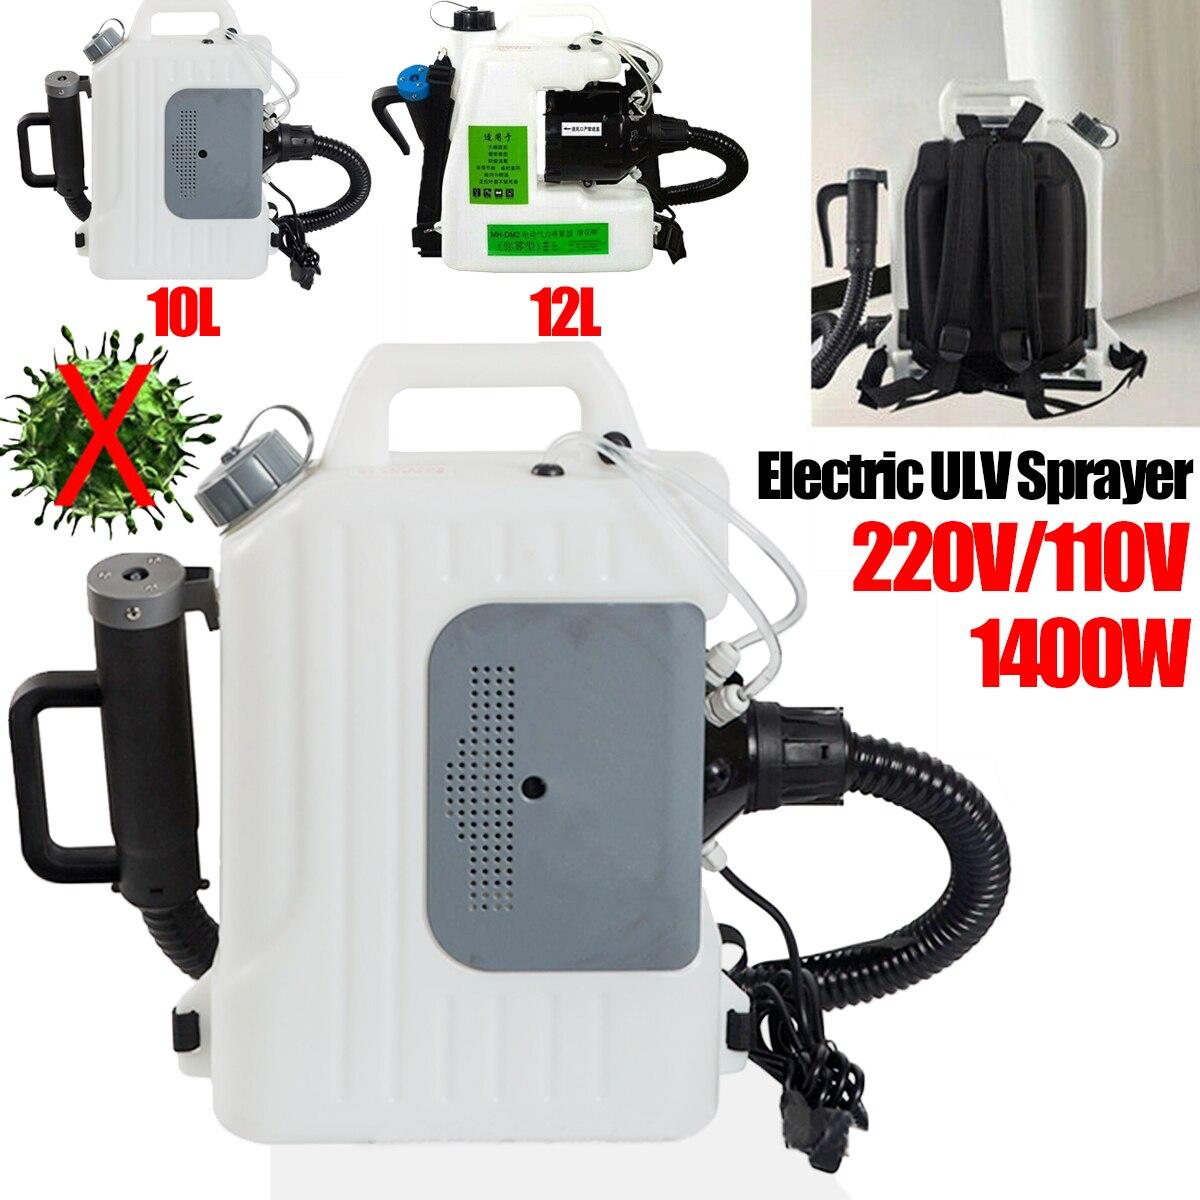 1400W 10L/12L mochila eléctrica ULV pulverizador Ultra capacidad máquina de desinfección nebulizador máquina de pulverización para hospitales rociador de hogar